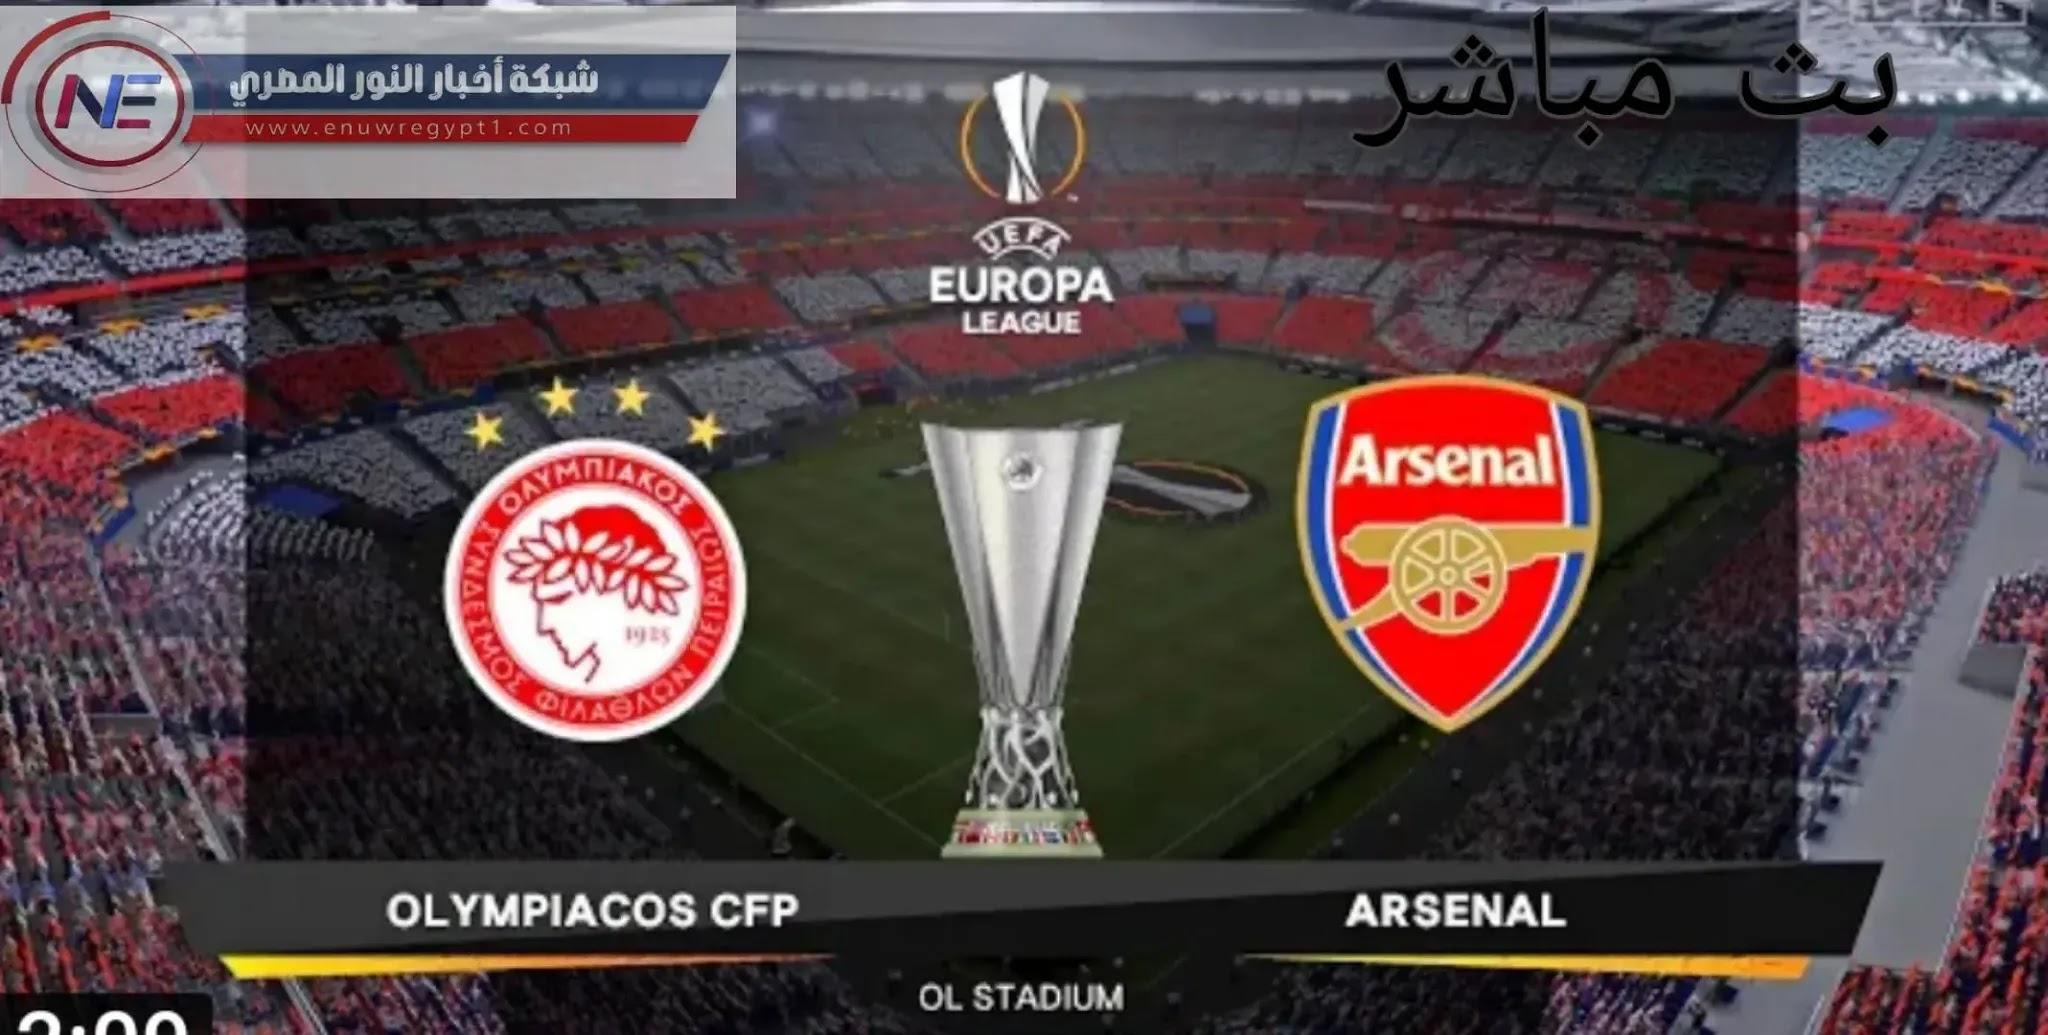 كورة لايف | مشاهدة مباراة أرسنال و أولبياكوس لايف اليوم 11-03-2021 في الدورى الأوروبي بجودة عالية HD بدون اي تقطيع بتعليق صوتي عربي